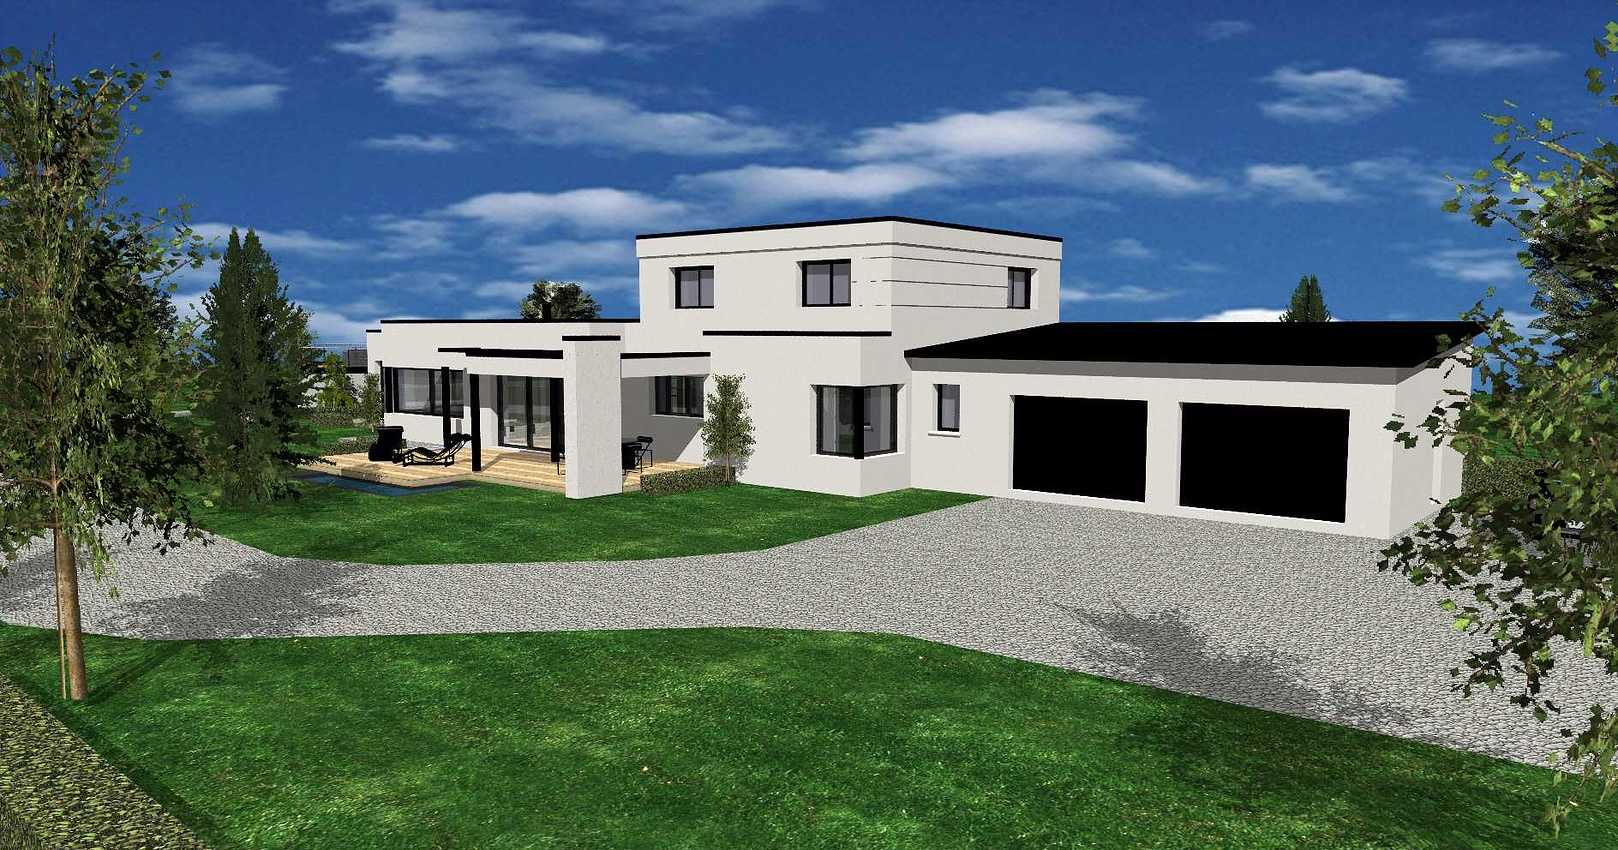 Projet de construction maison neuve toit plat - Pléneuf-Val-André prsentation34